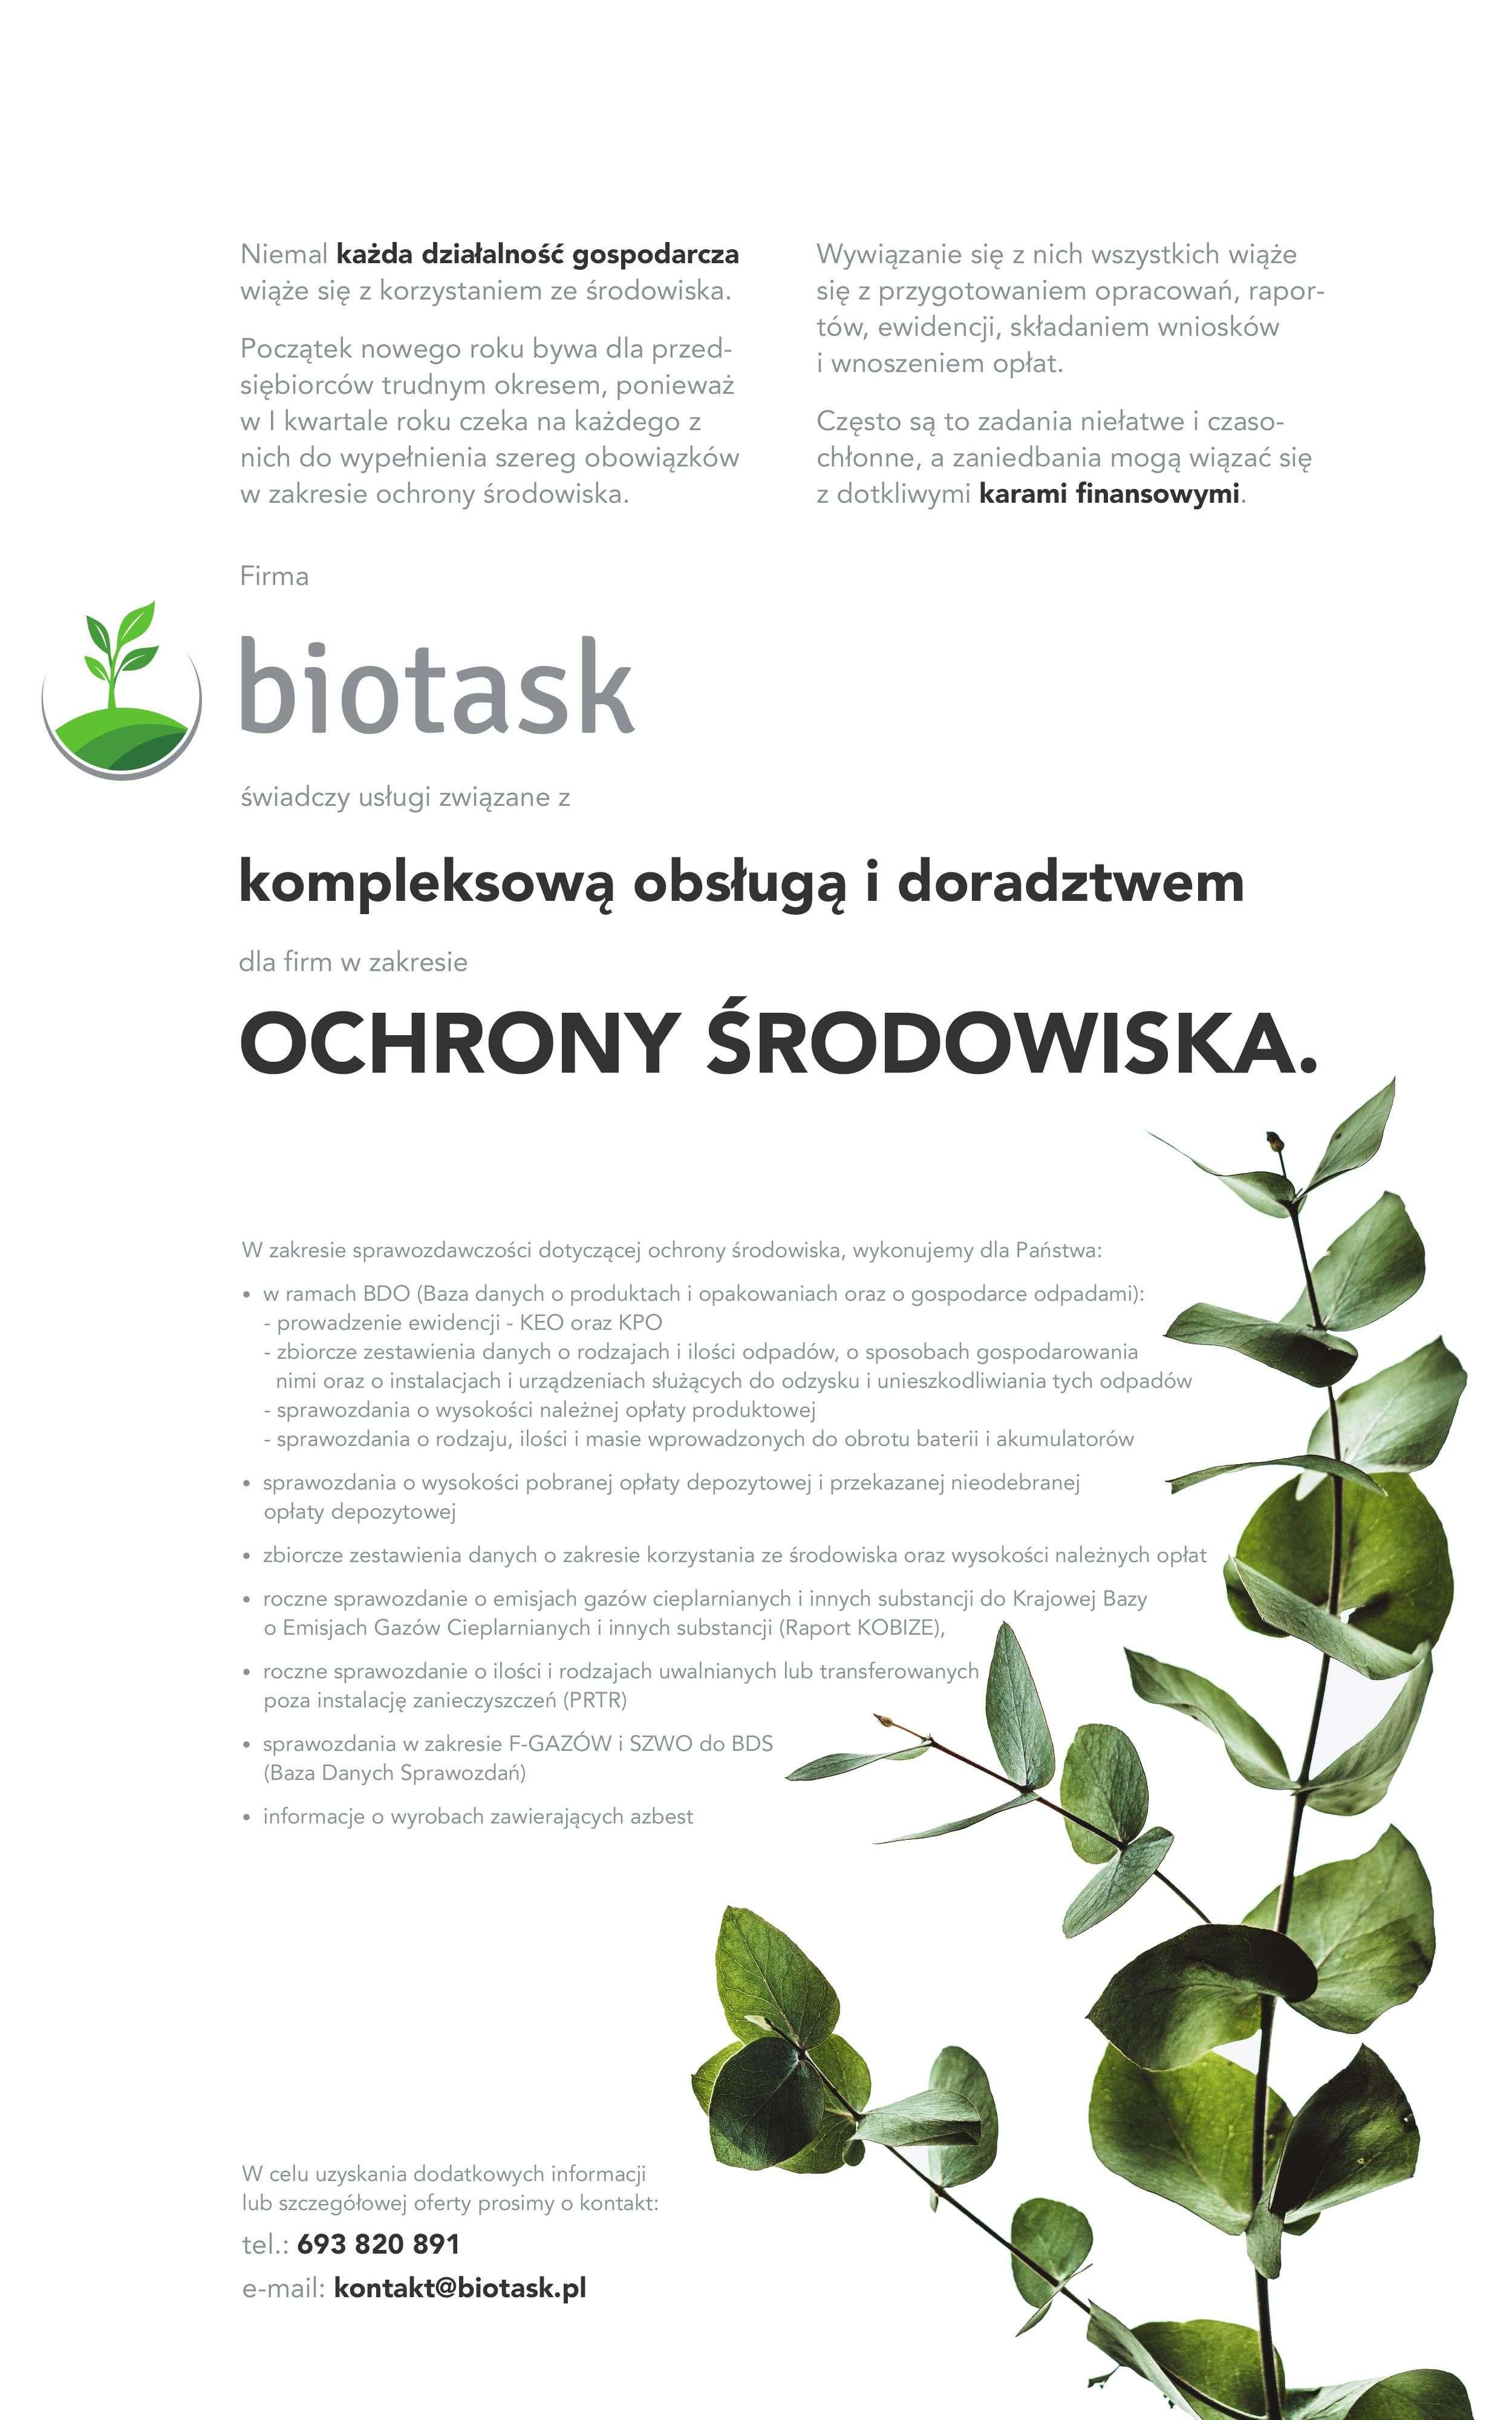 BIOTASK – kompleksowa obsługa idoradztwo wzakresie ochrony środowiska